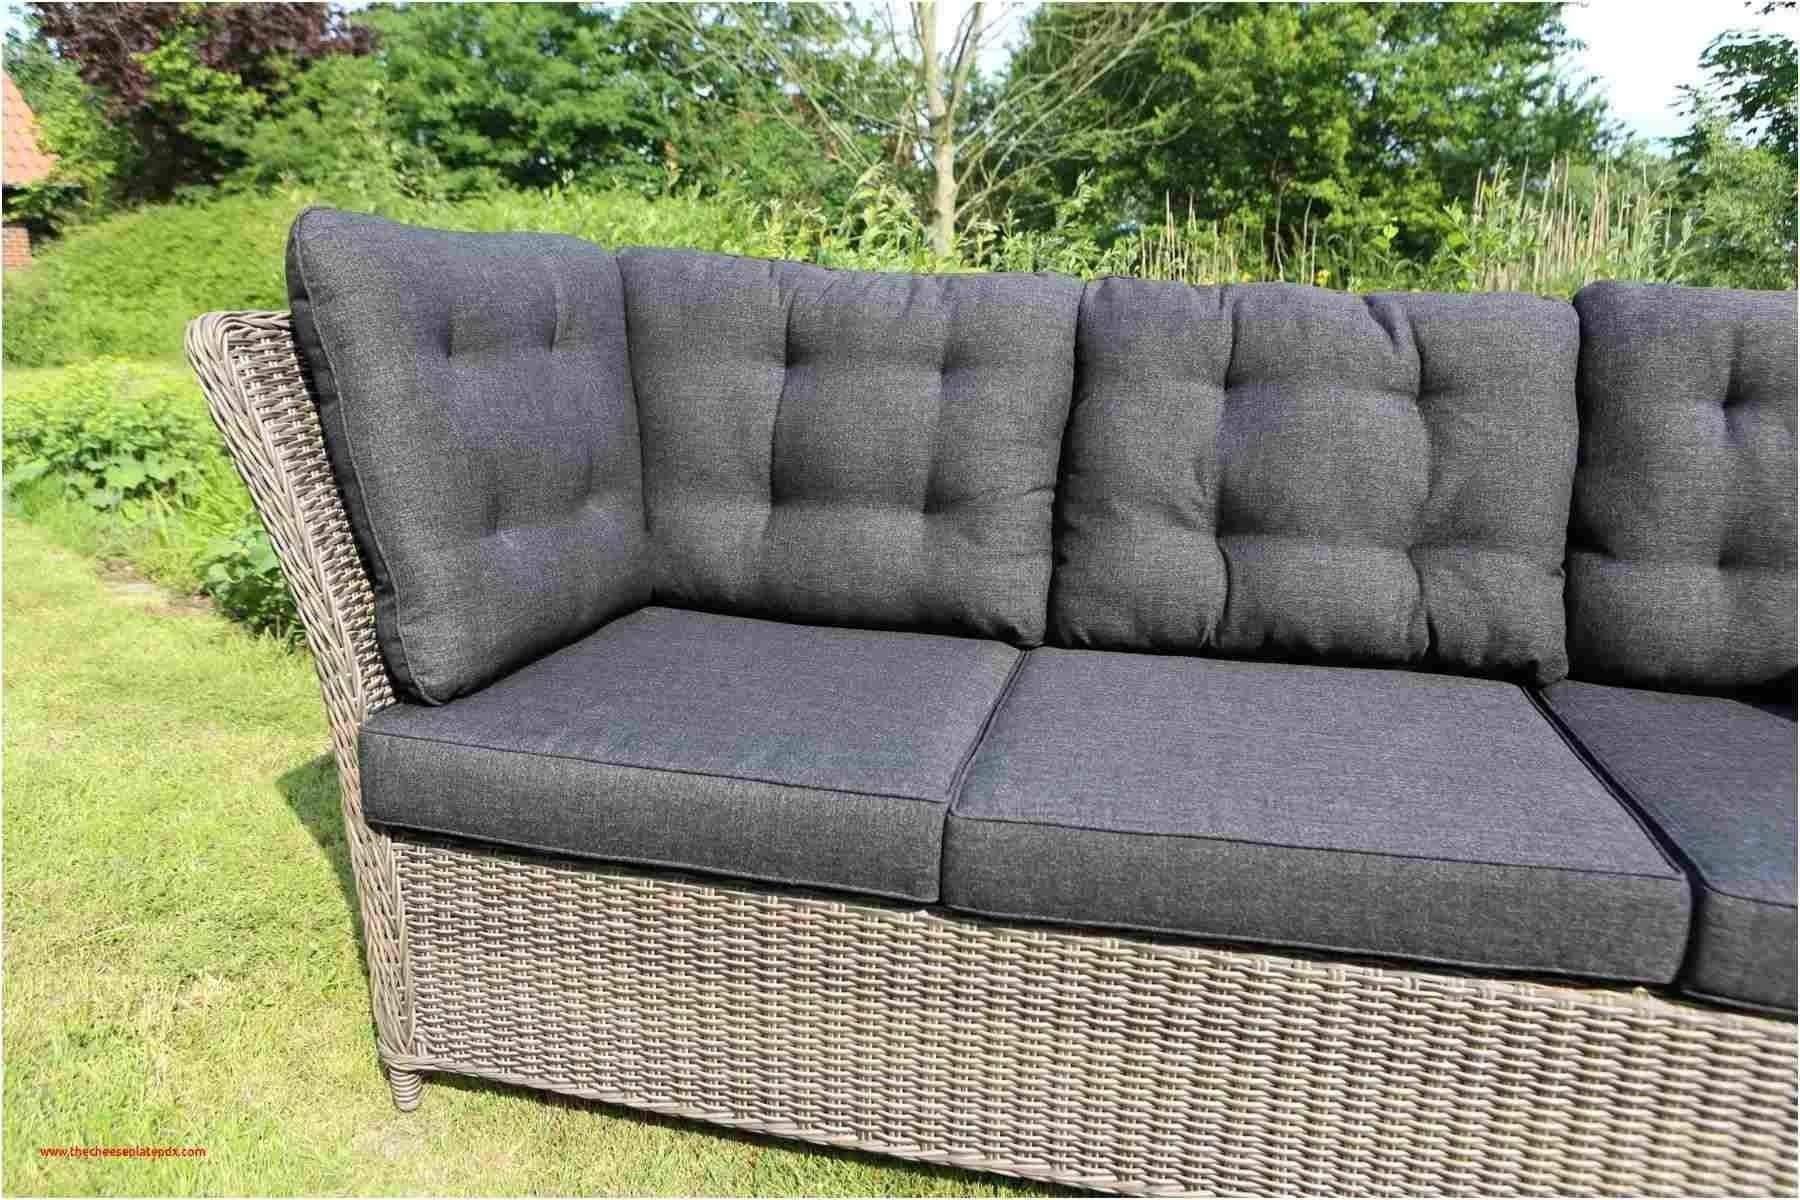 Aufbewahrungsbox Für Garten Inspirierend 35 Luxus Couch Garten Einzigartig